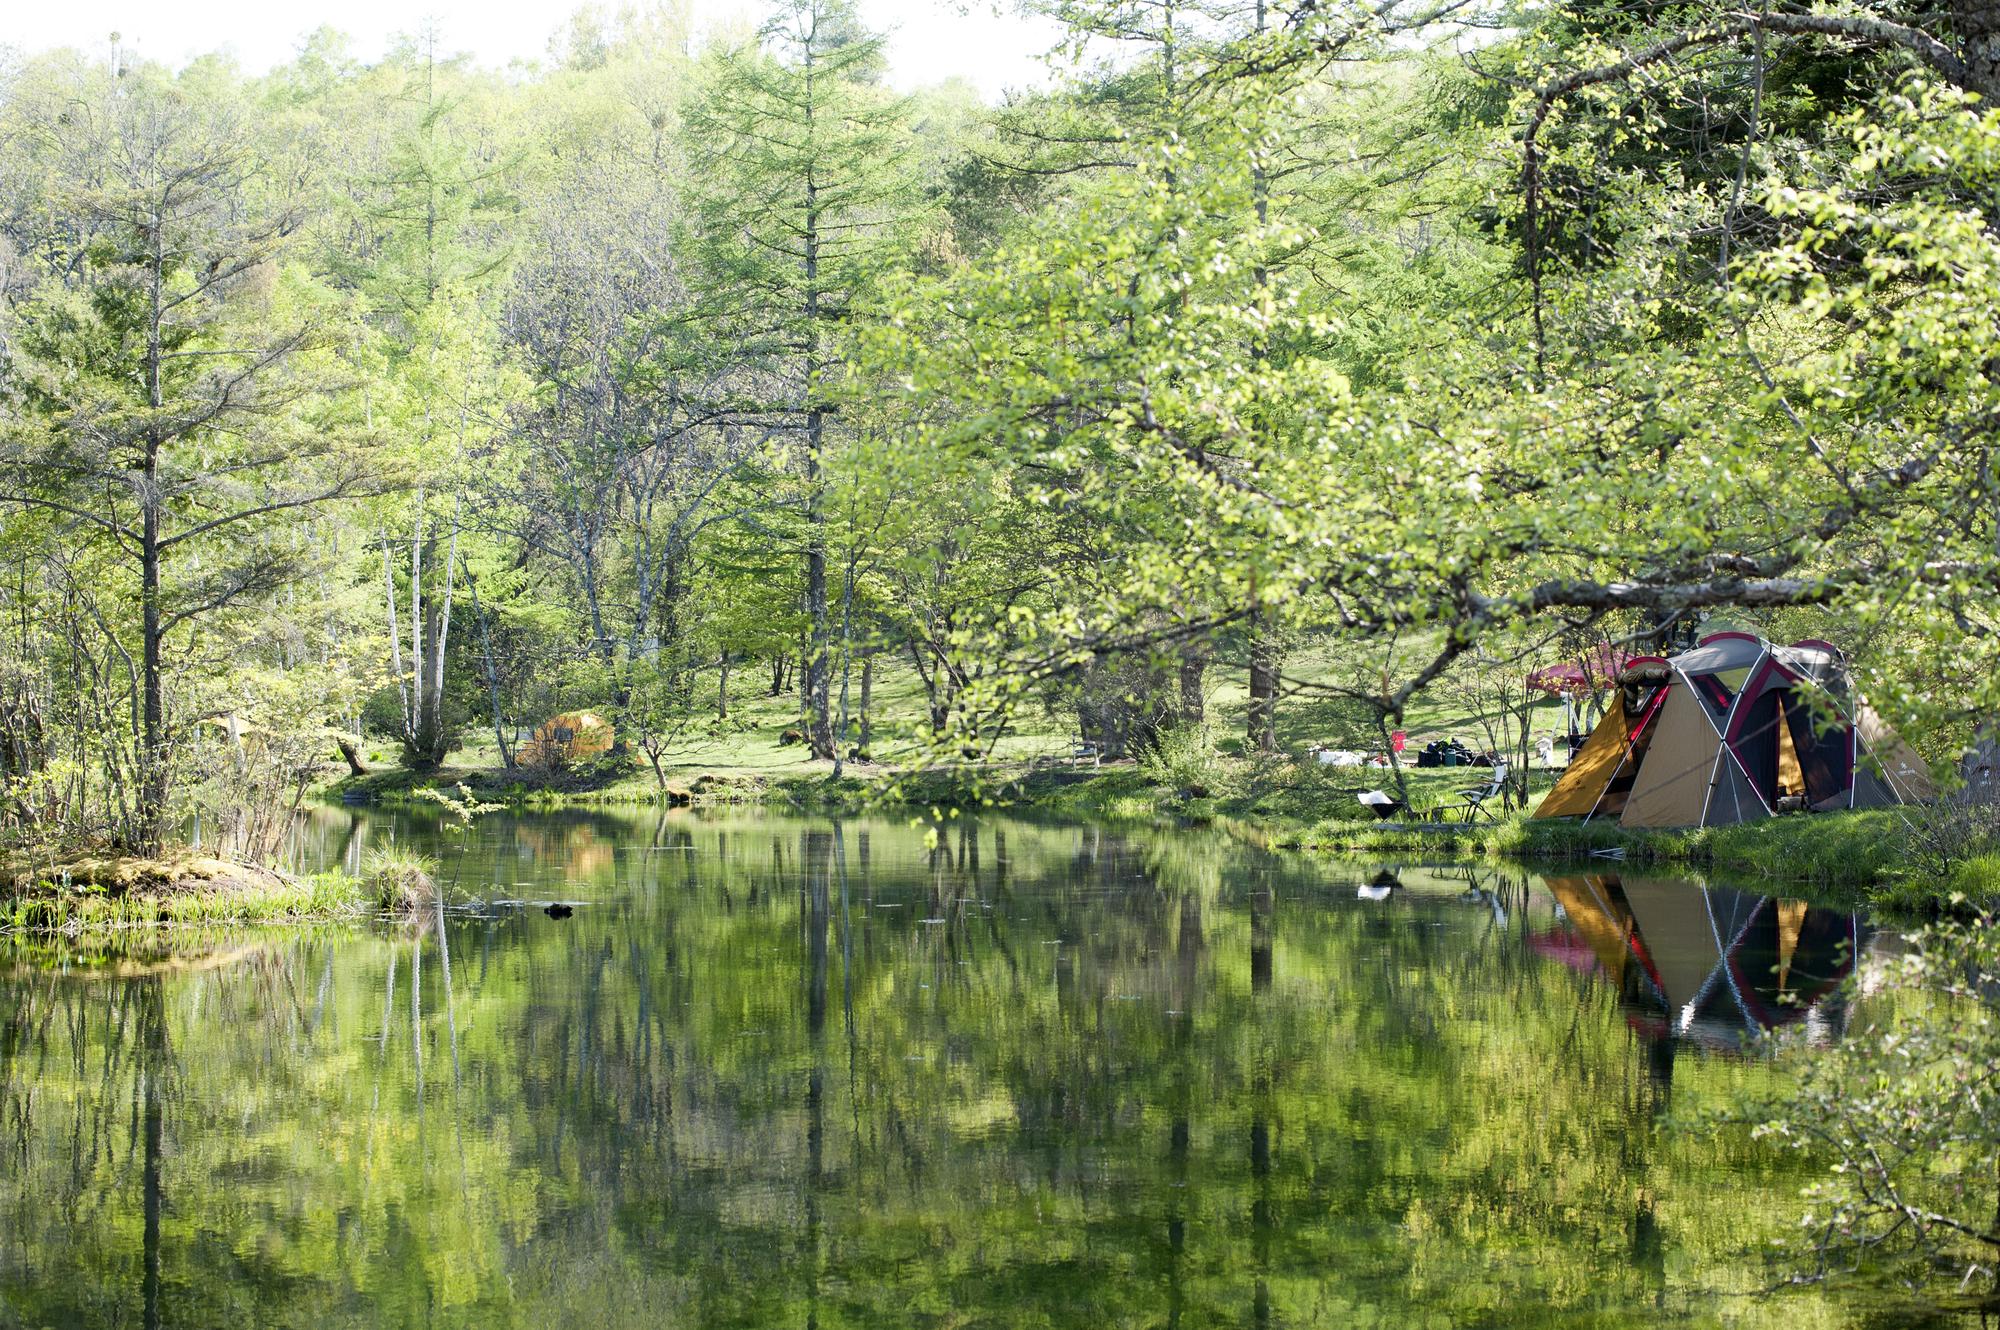 サステナブルなキャンプってなんだ?環境に優しいエコロジーなキャンプアイテムを紹介♪